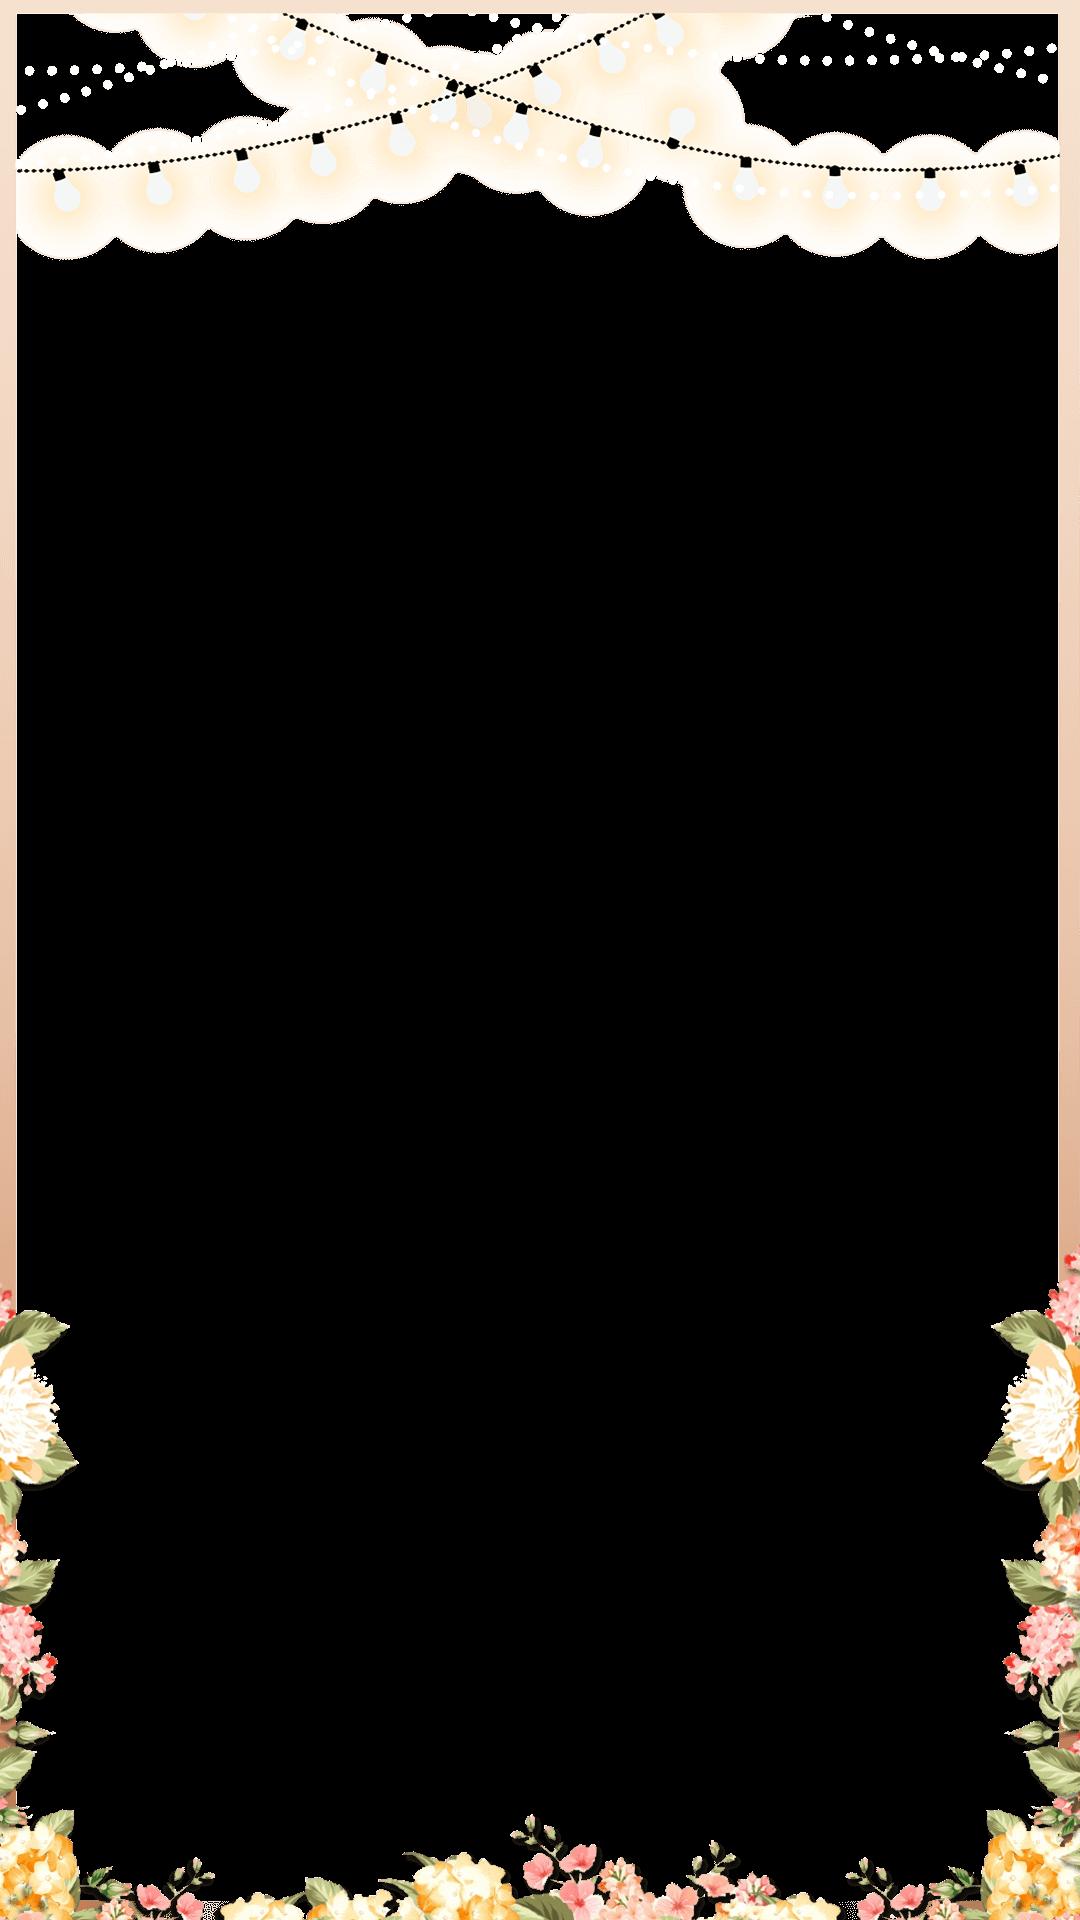 Notepad clipart spring. Elegant rose gold floral